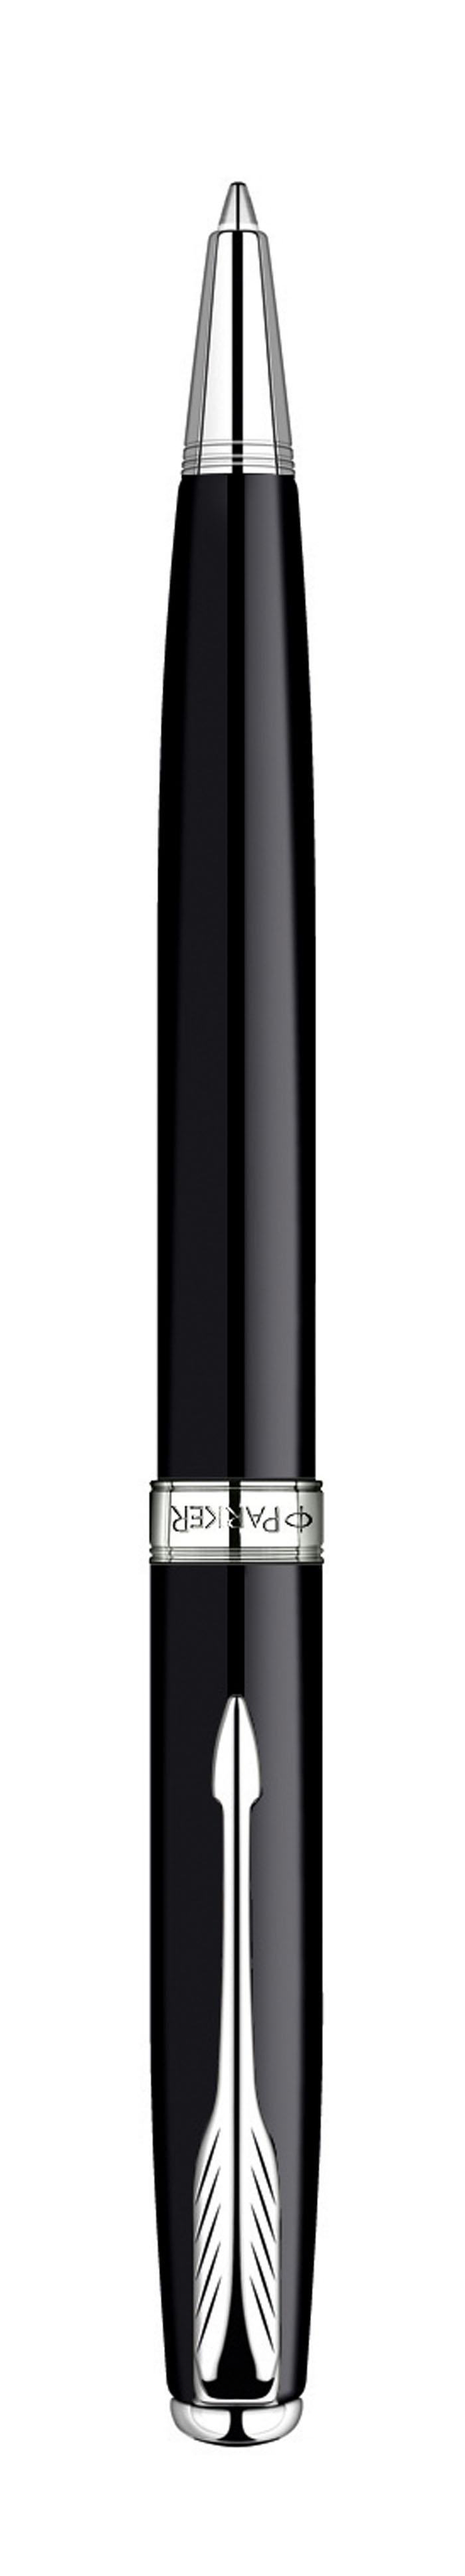 Ручка шариковая Sonnet Black Laque CT. PARKER-S0808830C13S041944Шариковая ручка Паркер Соннет Блэк Лак Си Ти. Инструмент для письма, линия письма - средняя, цвет чернил черный, в подарочной упаковке. Произведено во Франции.